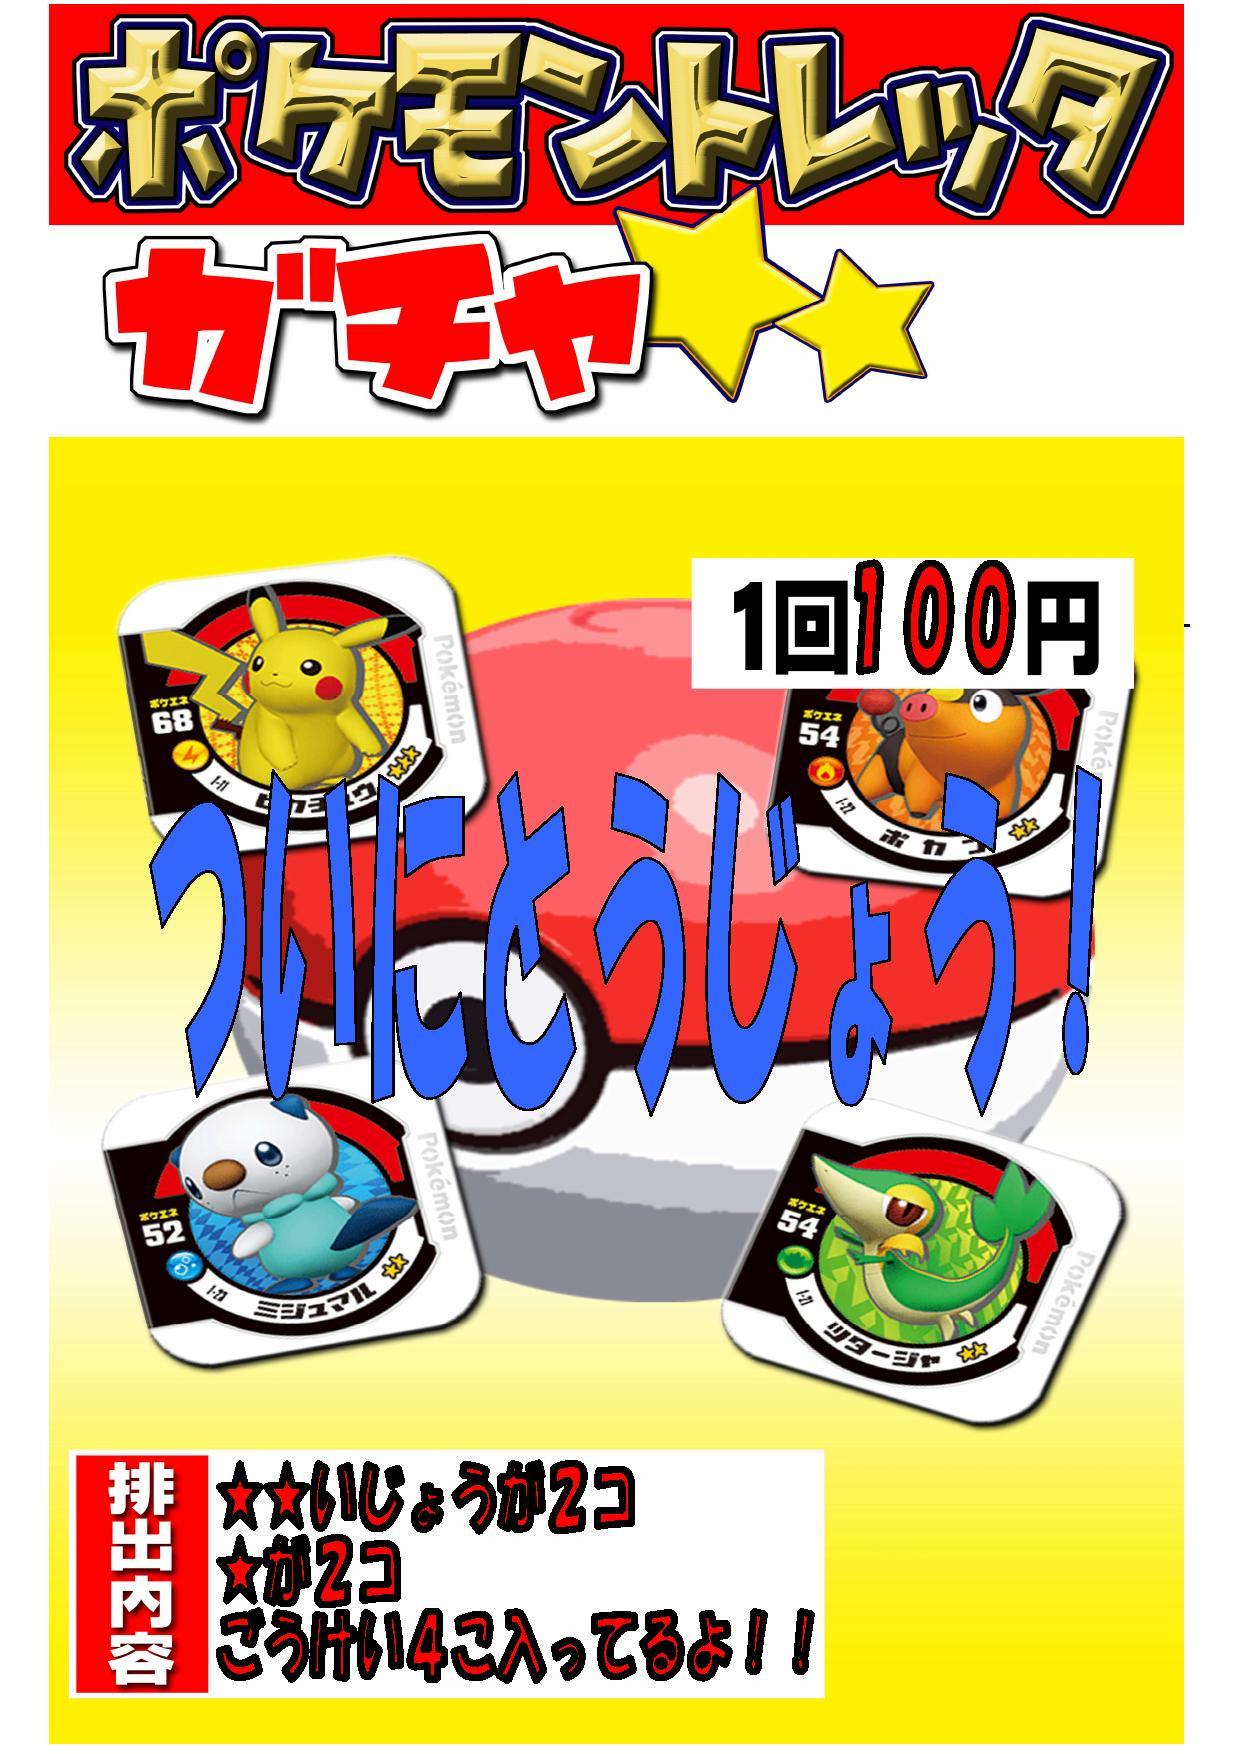 【高石店】ポケモントレッタガチャ登場!_d0259027_16504277.jpg